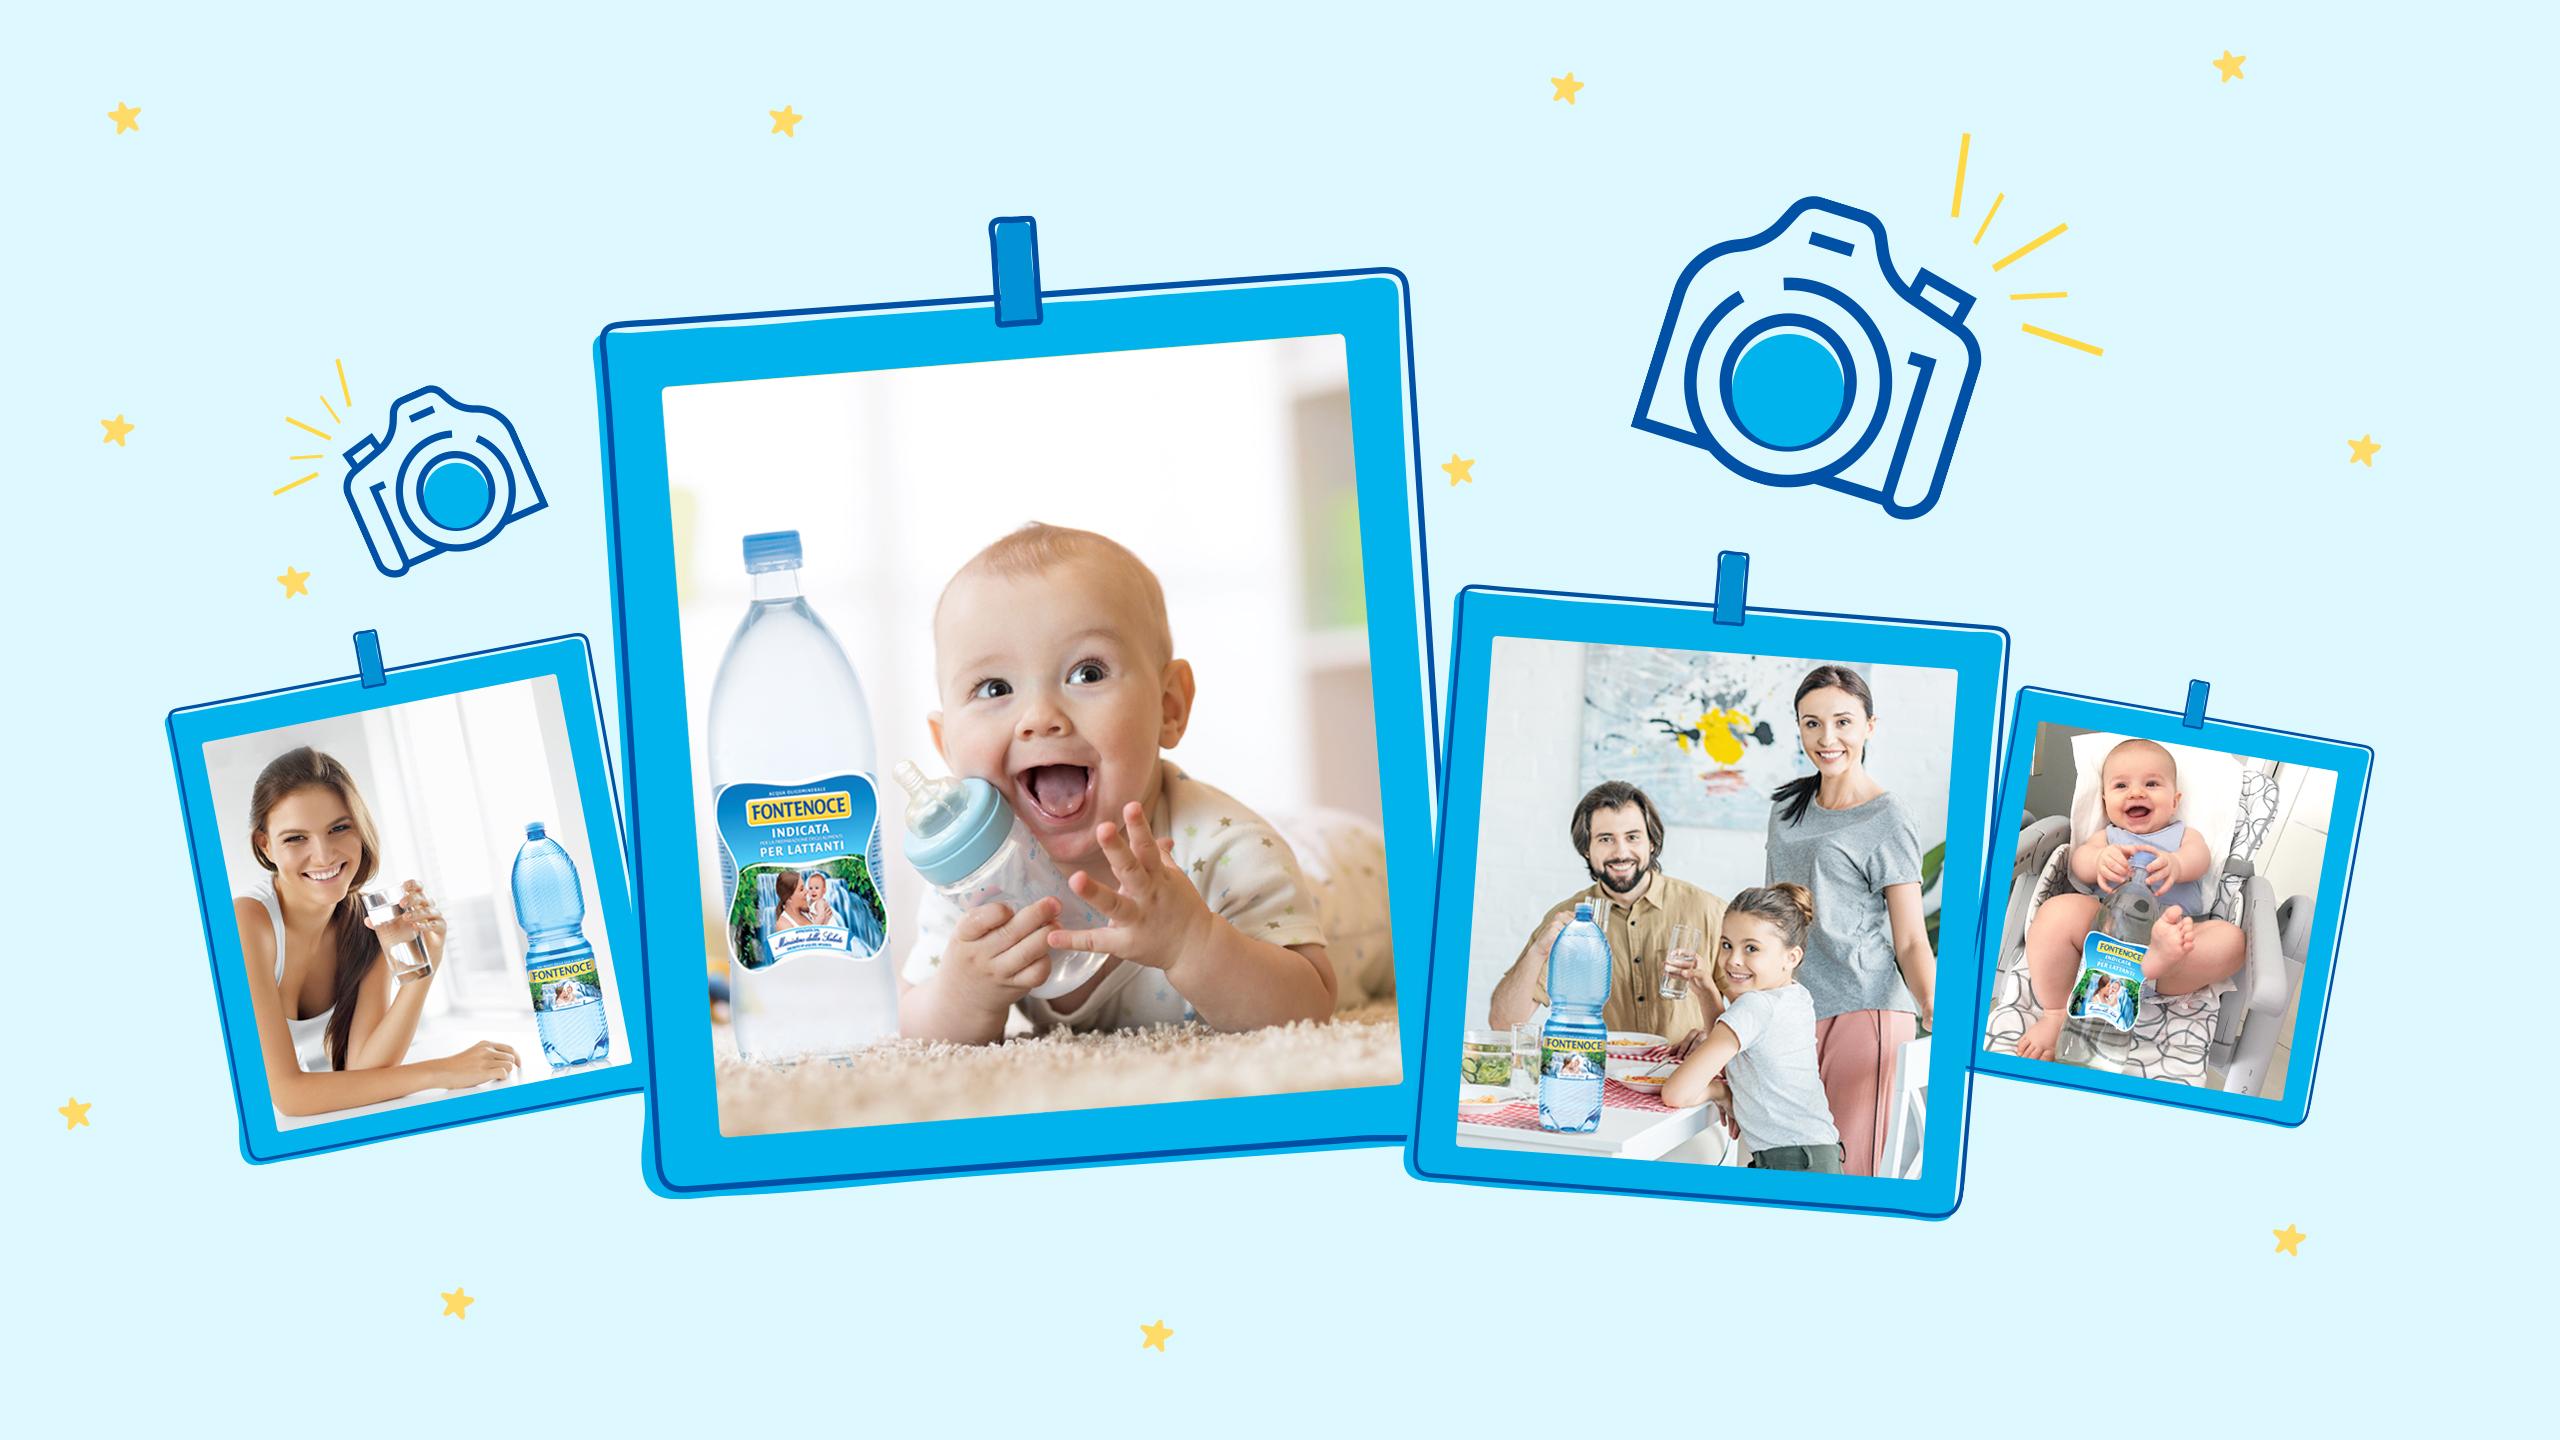 Foto calendario Acqua Fontenoce